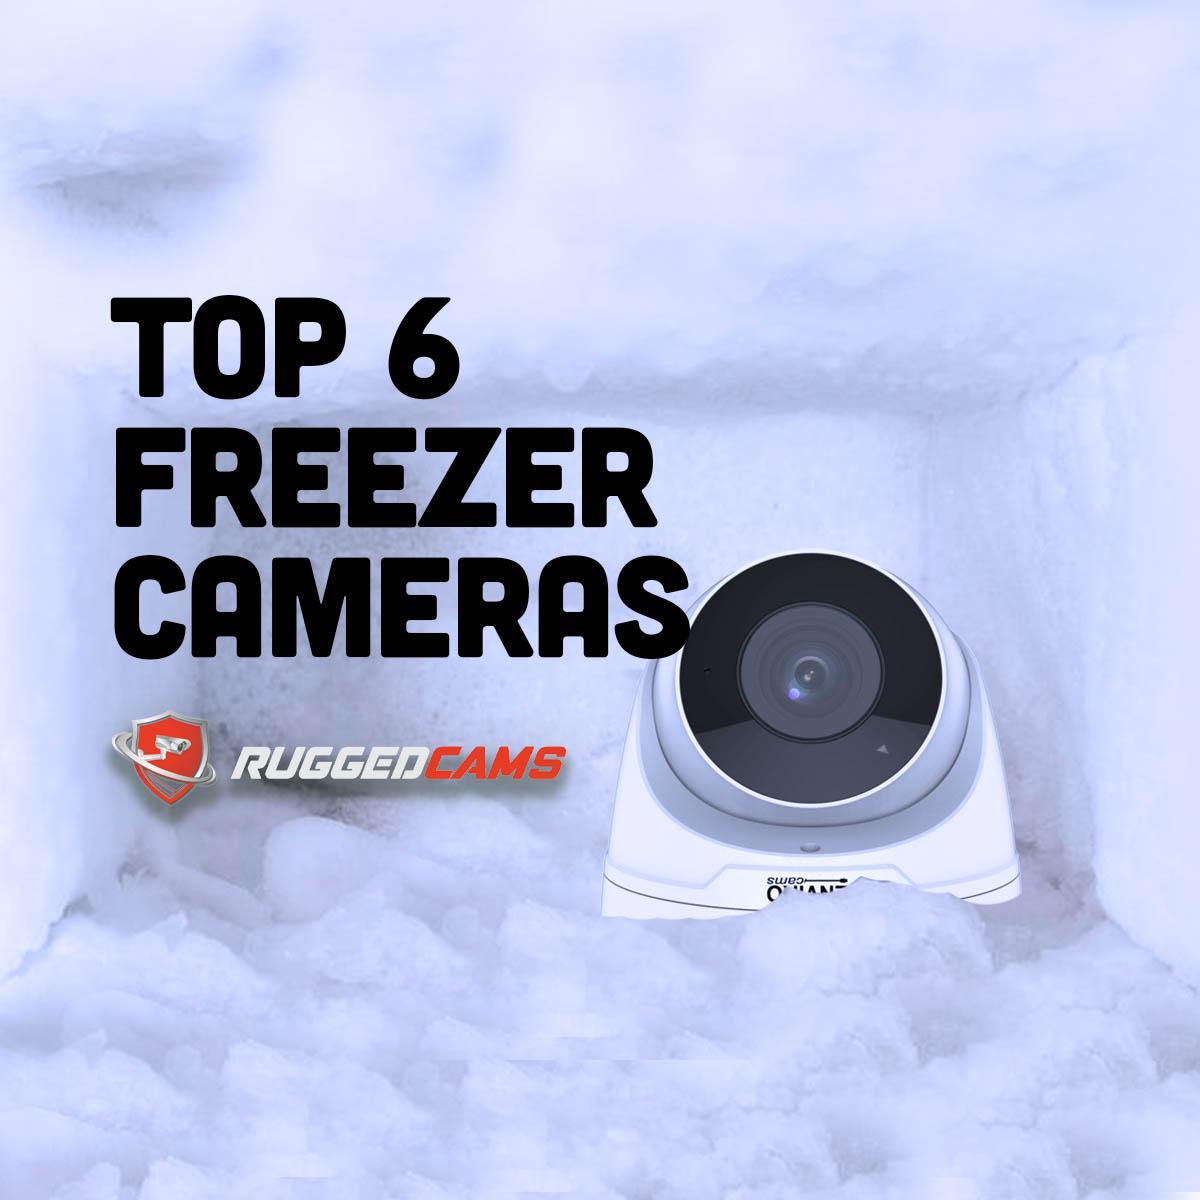 Top 6 Freezer Cameras